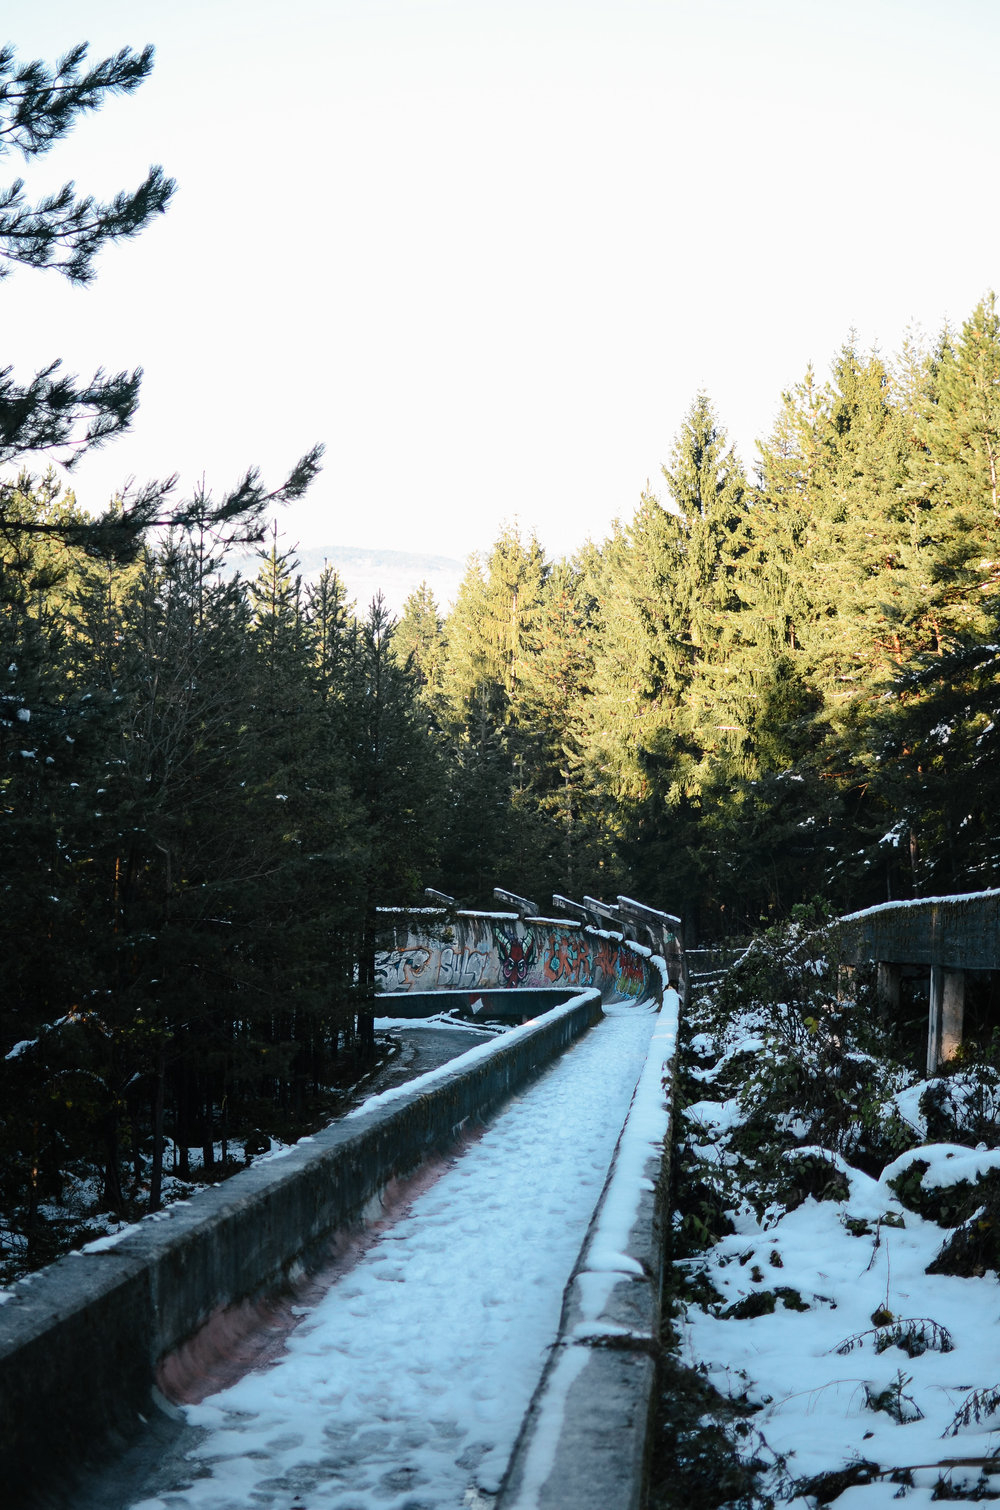 bosnia-travel-sarajevo-guide-lifeonpine_DSC_3118.jpg